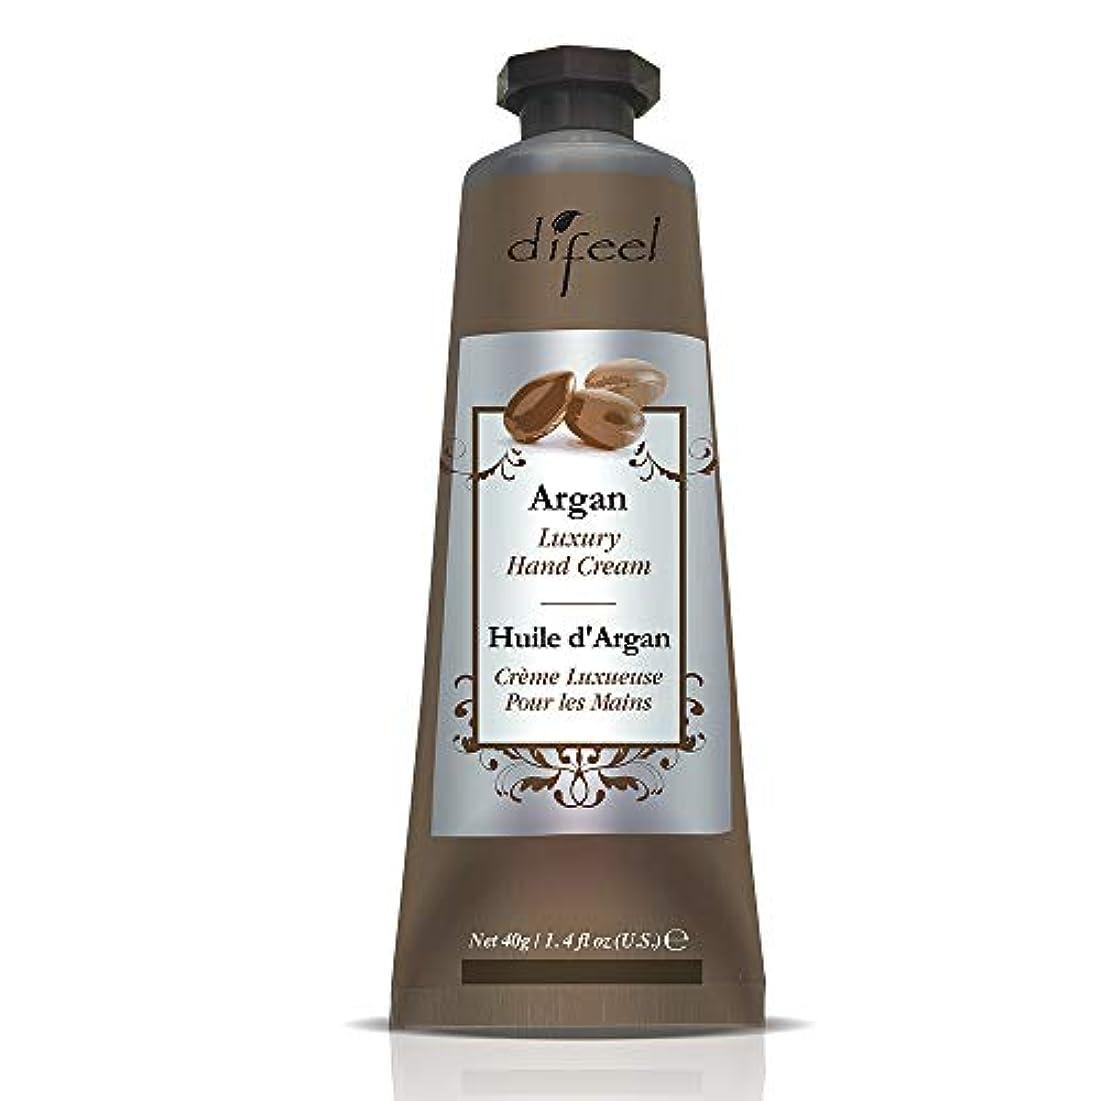 サスペンド類人猿爵Difeel(ディフィール) アルガン ナチュラル ハンドクリーム 40g ARGAN 12ARG New York 【正規輸入品】